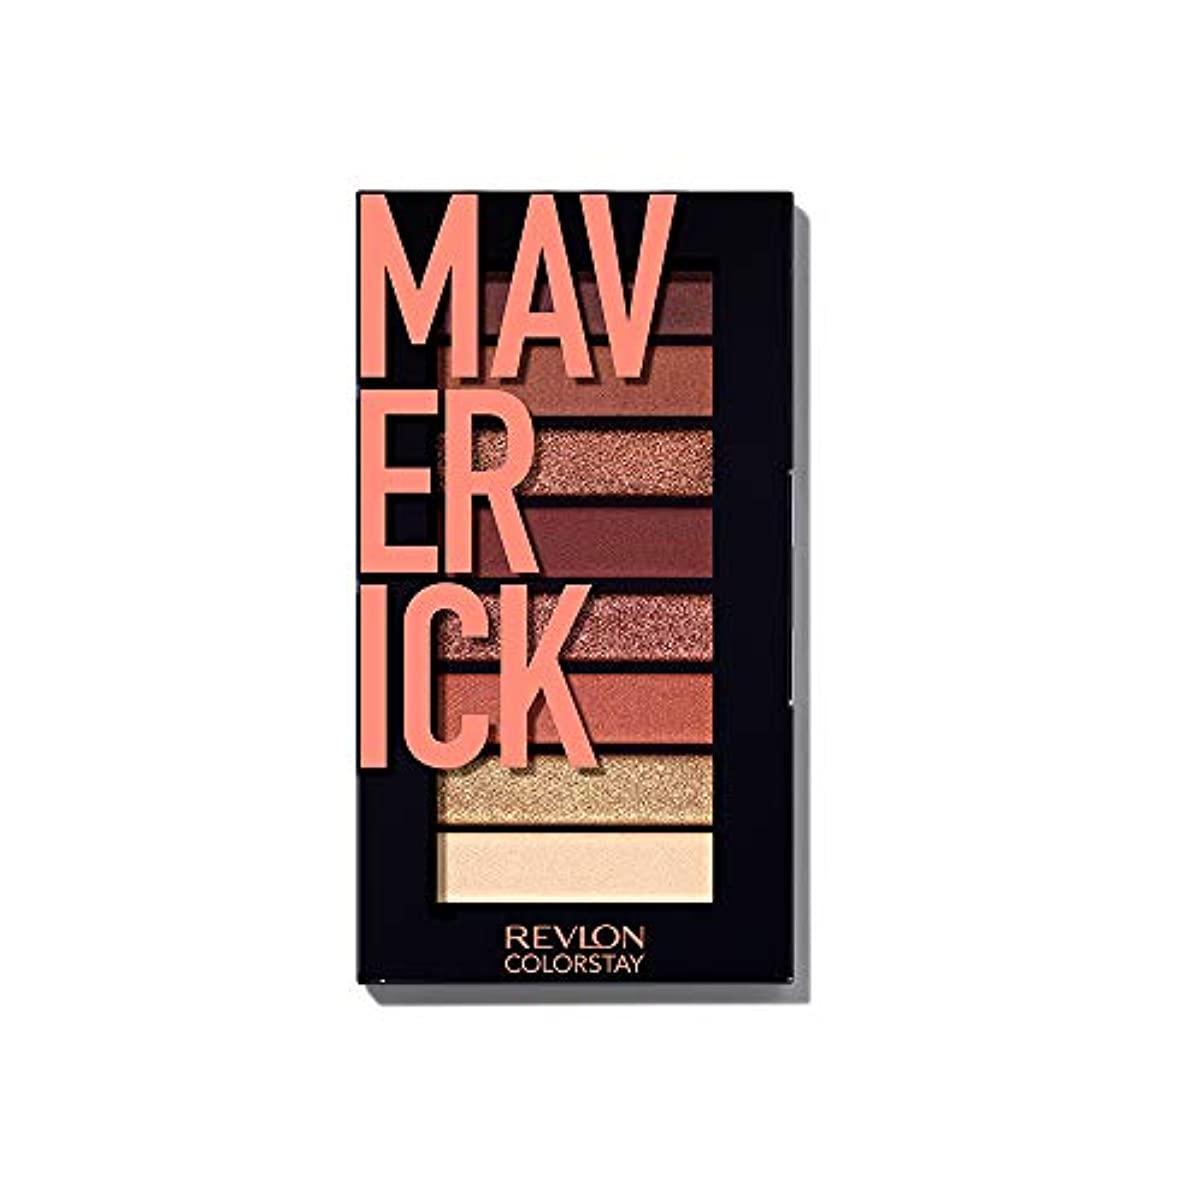 東ティモールストッキング面白いレブロン カラーステイ ルックス ブック パレット 930 マーベリック(カラーイメージ:オレンジブラウン系) アイシャドウ 930マーベリック 3.4g